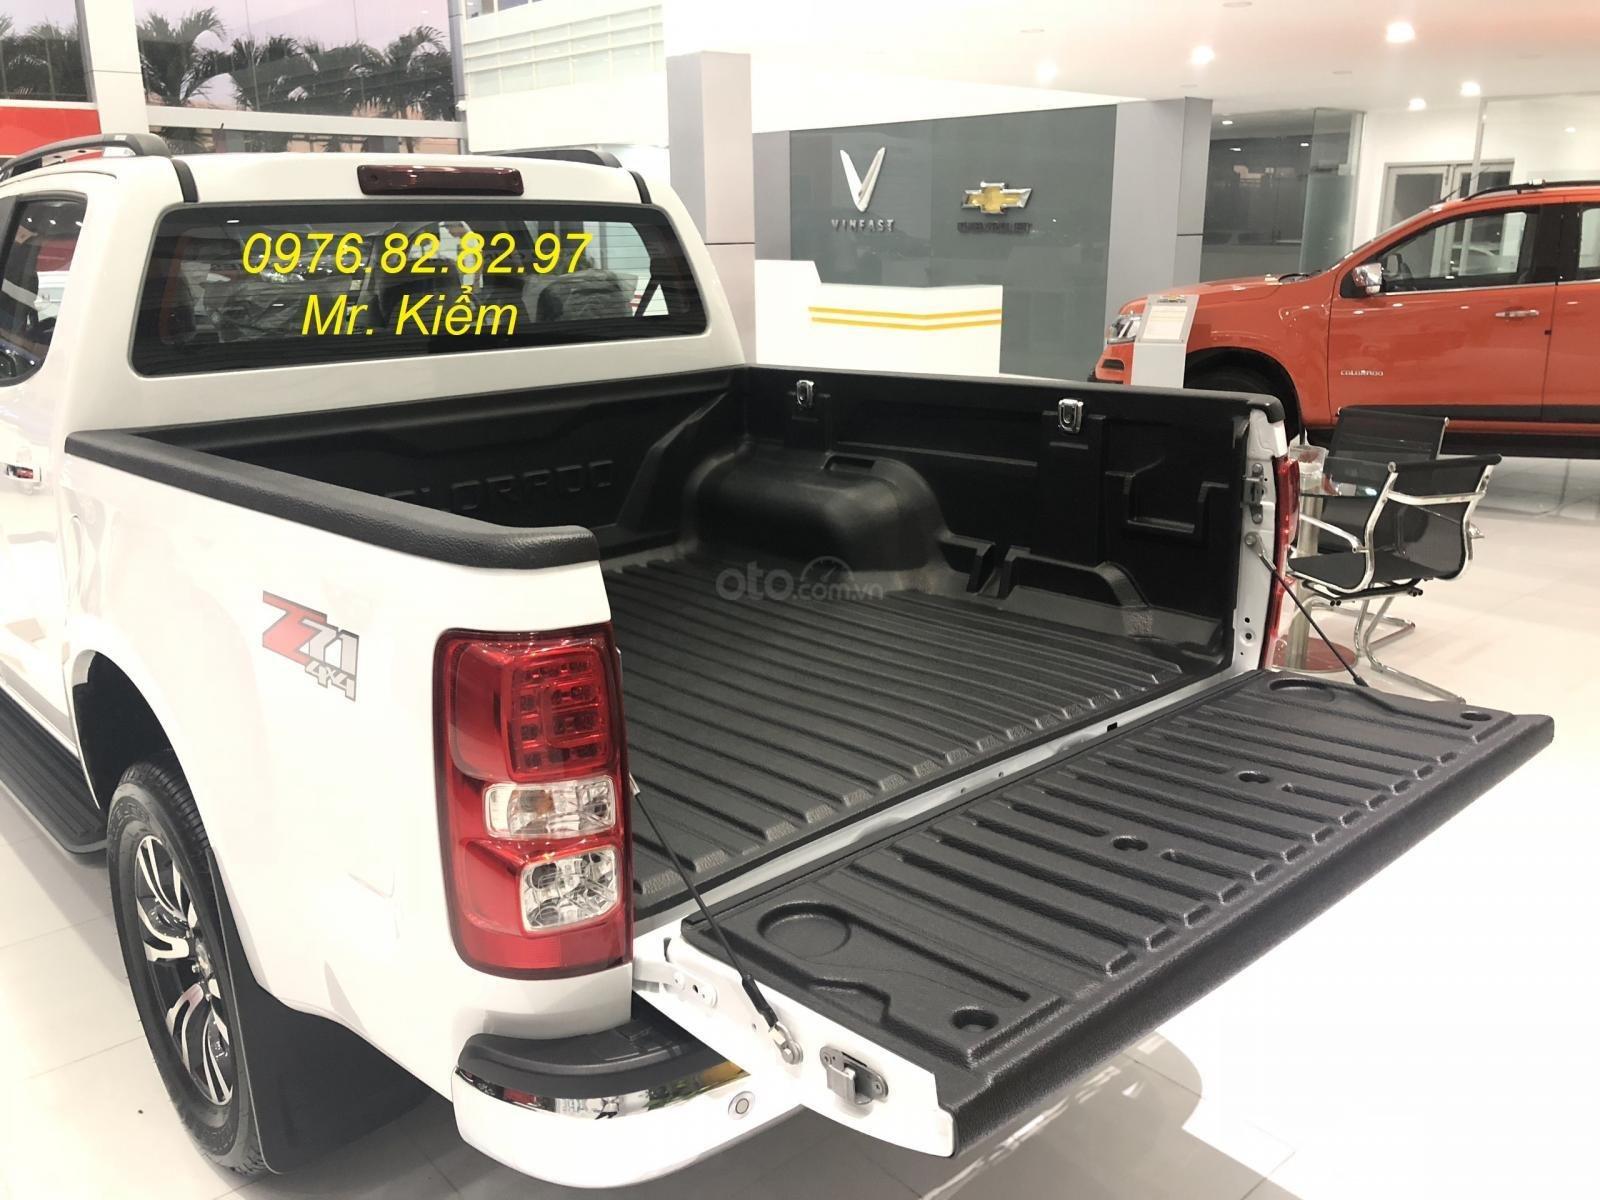 Chevrolet Colorado, ưu đãi tiền mặt + Phụ kiện, LH Kiểm 0976.82.82.97, bao hồ sơ trả góp (6)